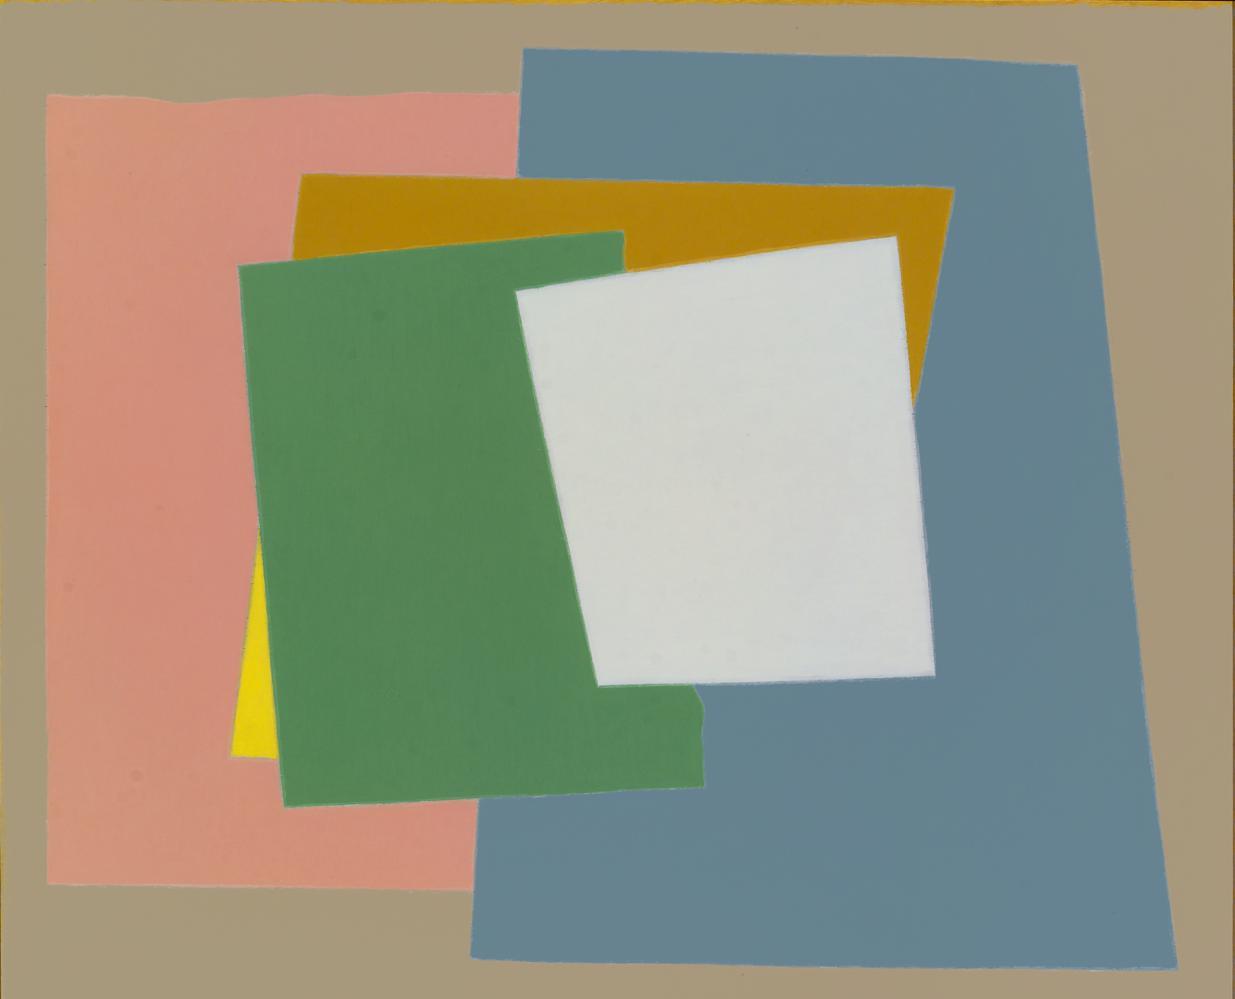 Sin título, 55 x 65 cm, óleo madera, 2010.